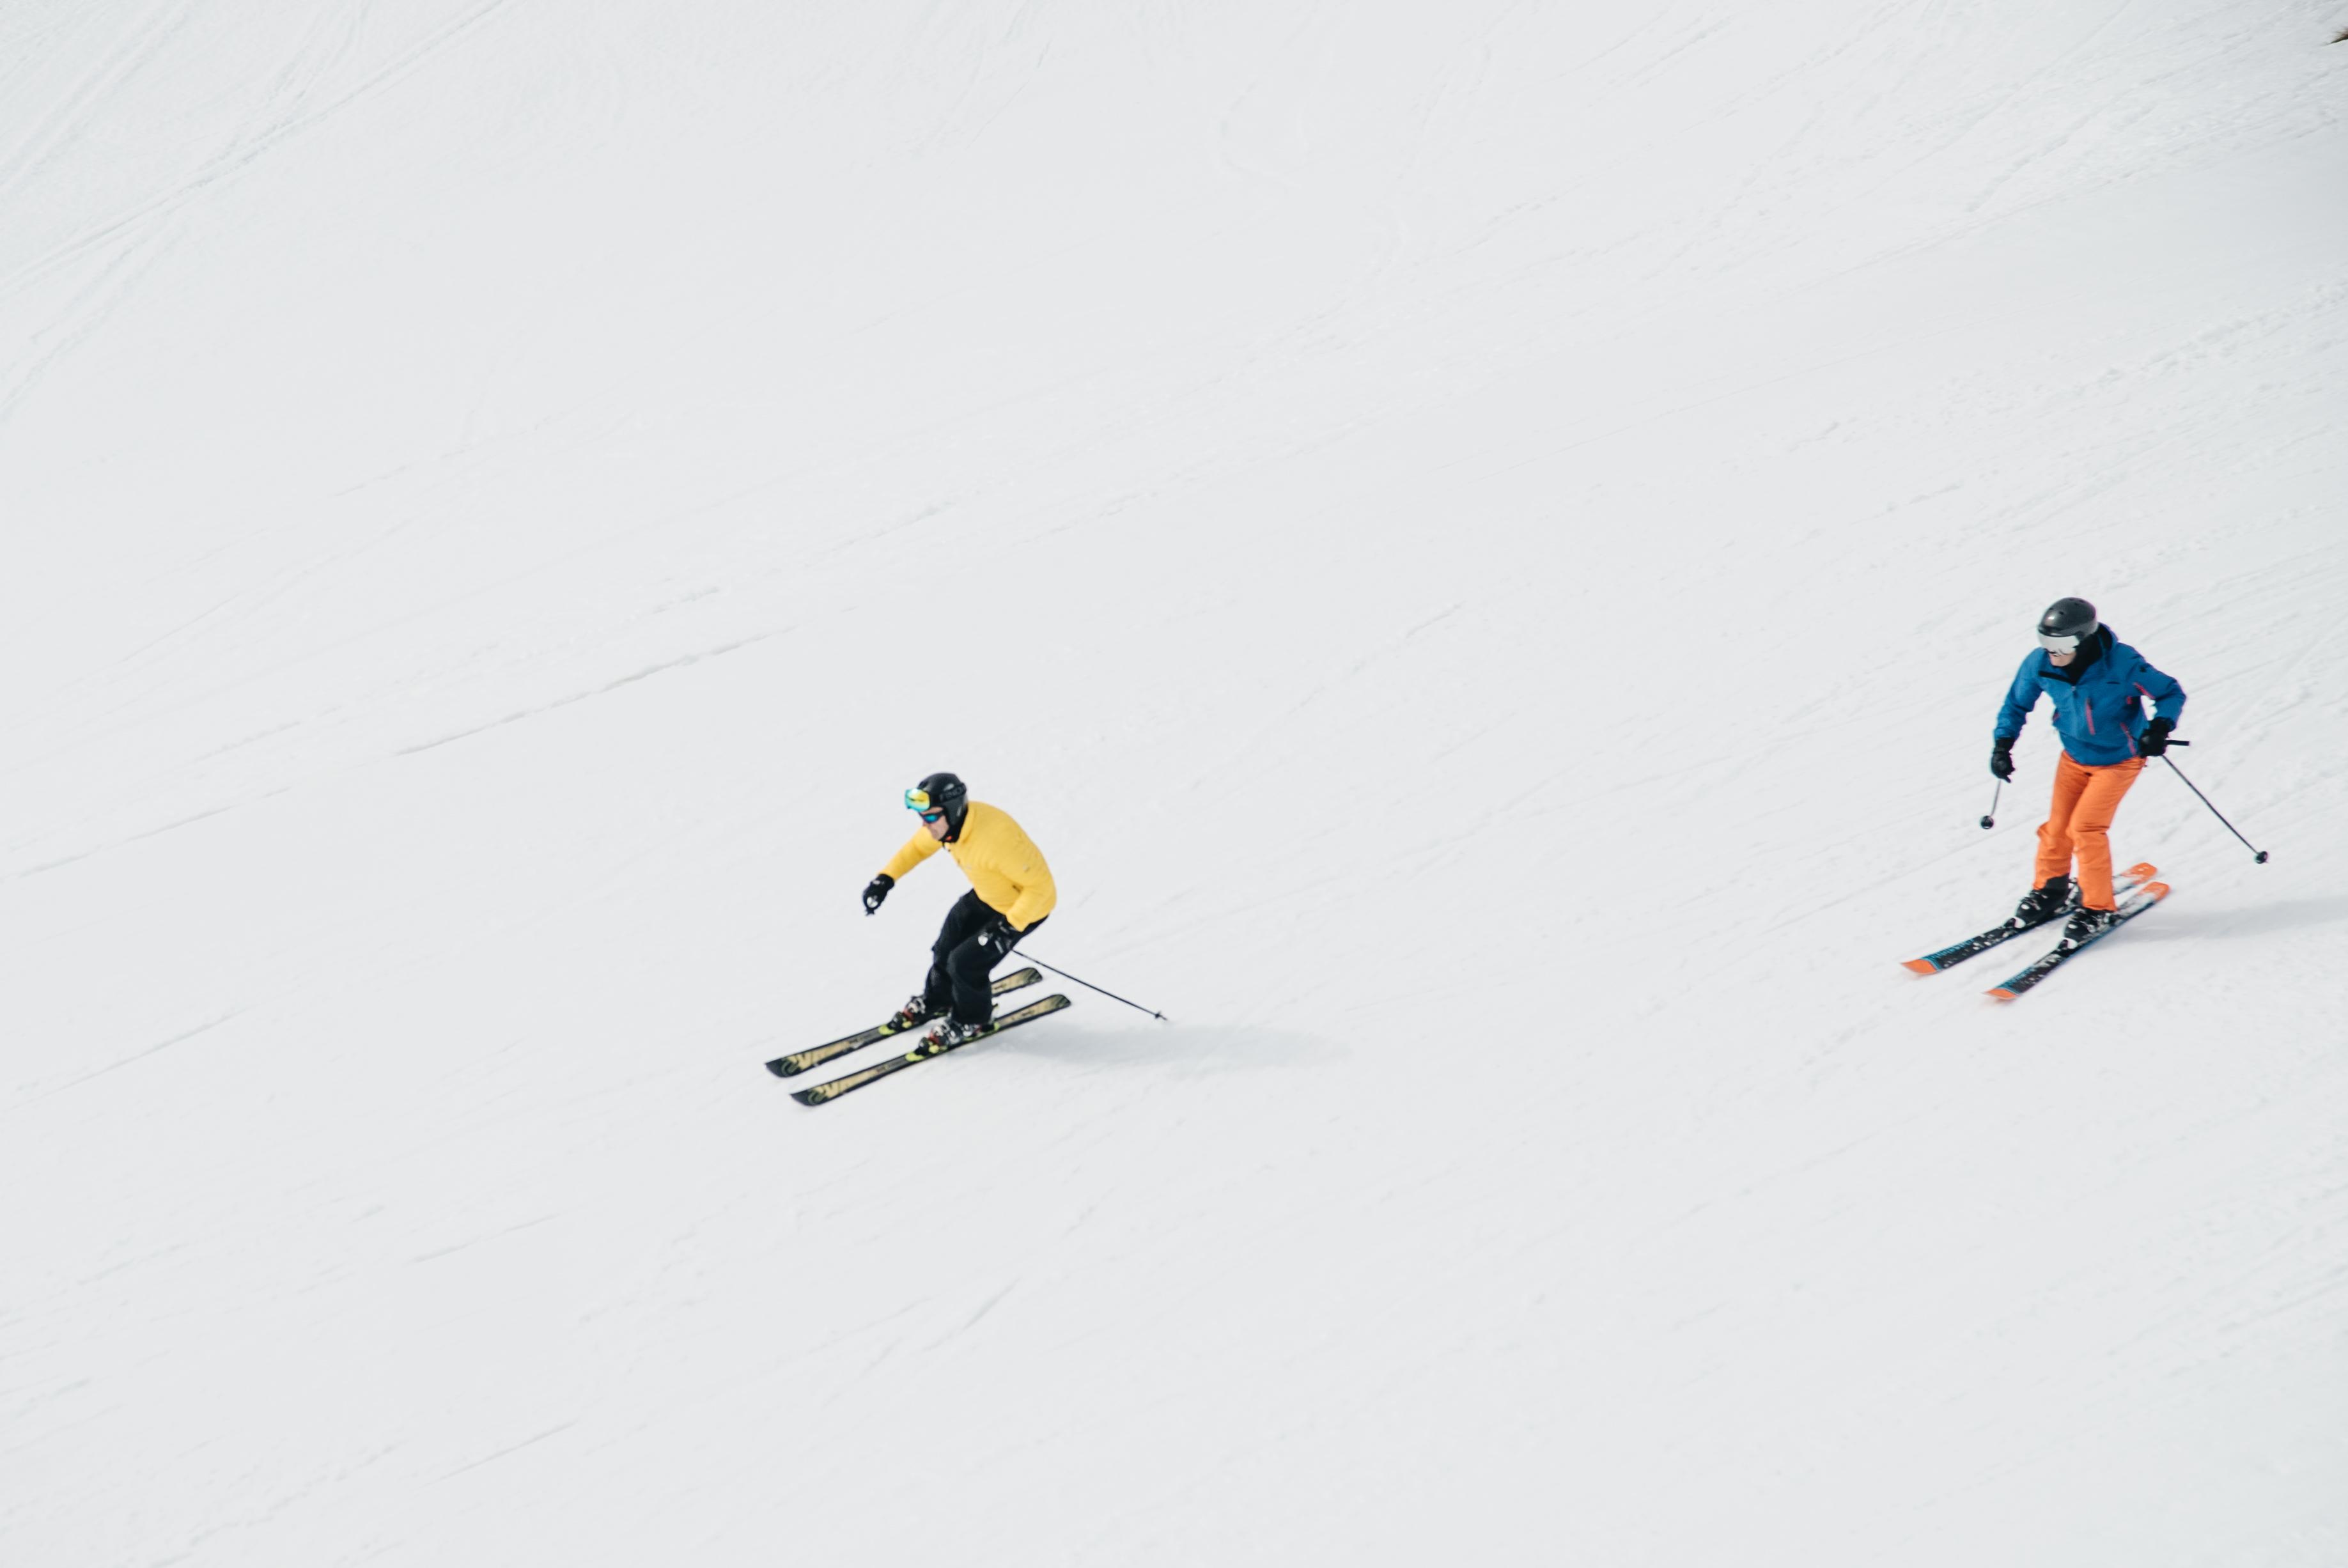 Esquiar con nieve primavera